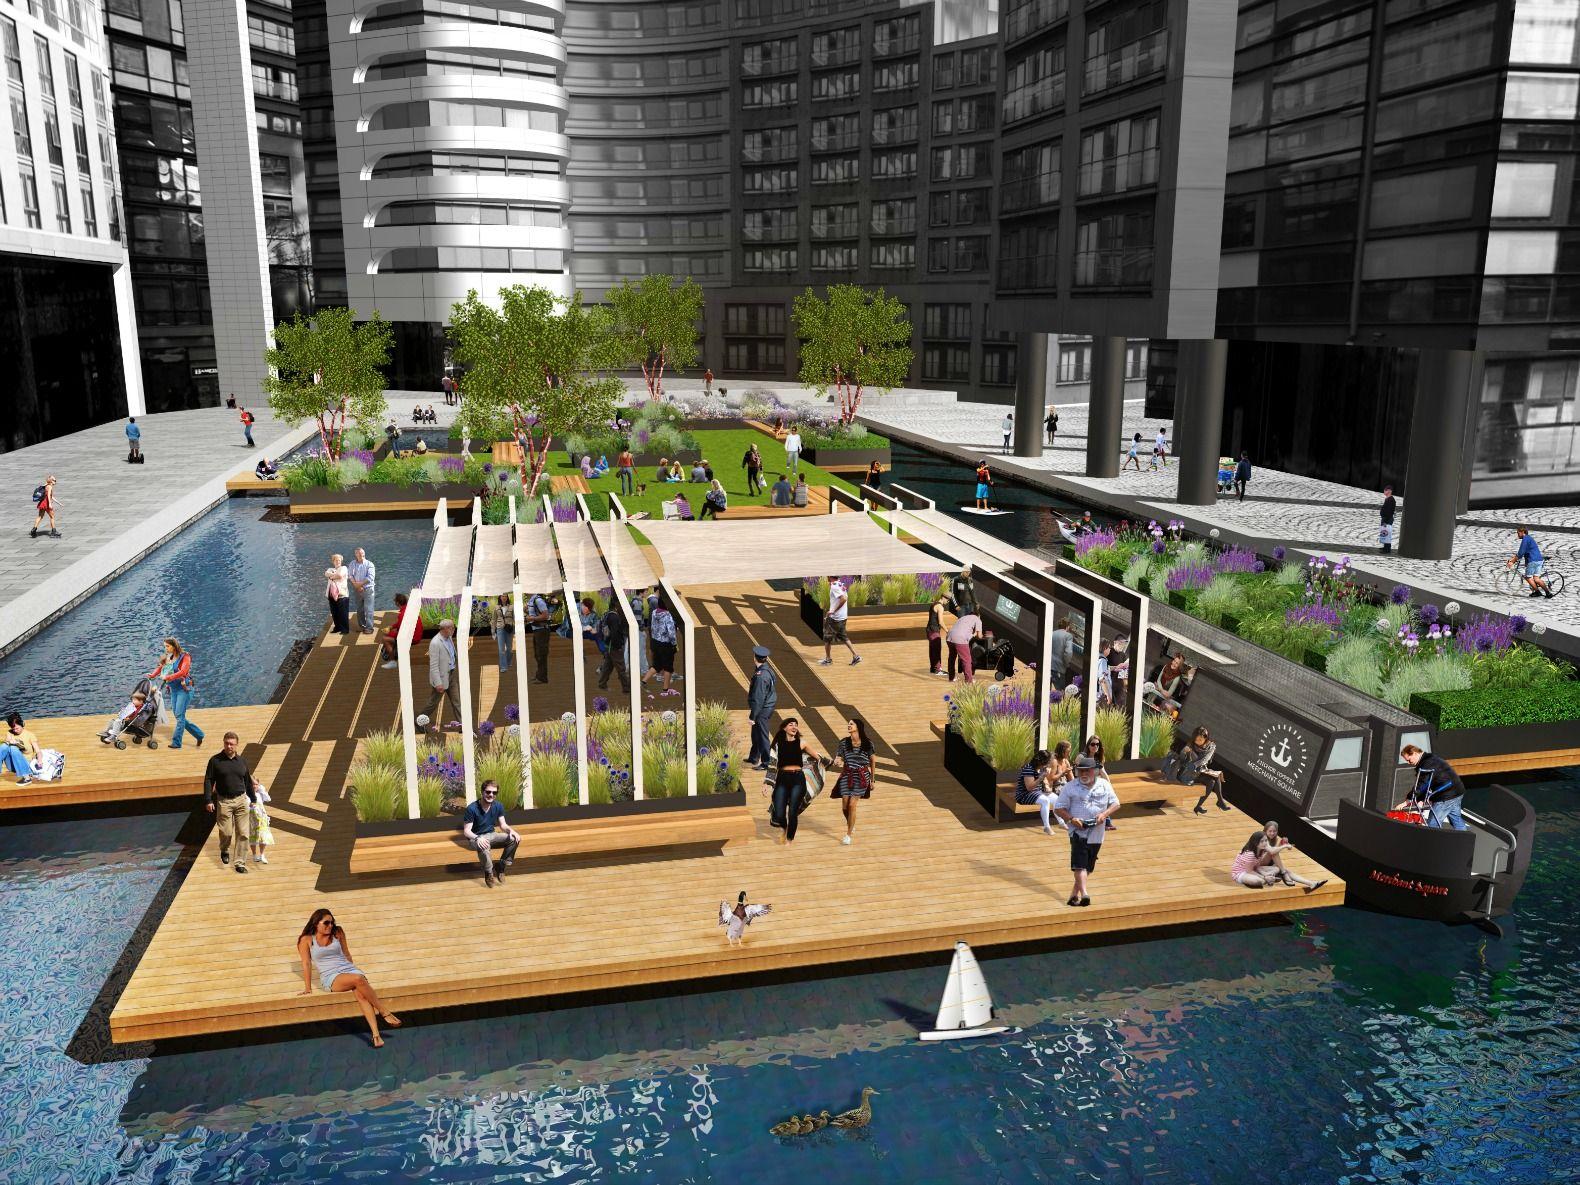 Image Result For Pocket Park Between Buildings Pocket Park Garden Bridge London Floating Garden